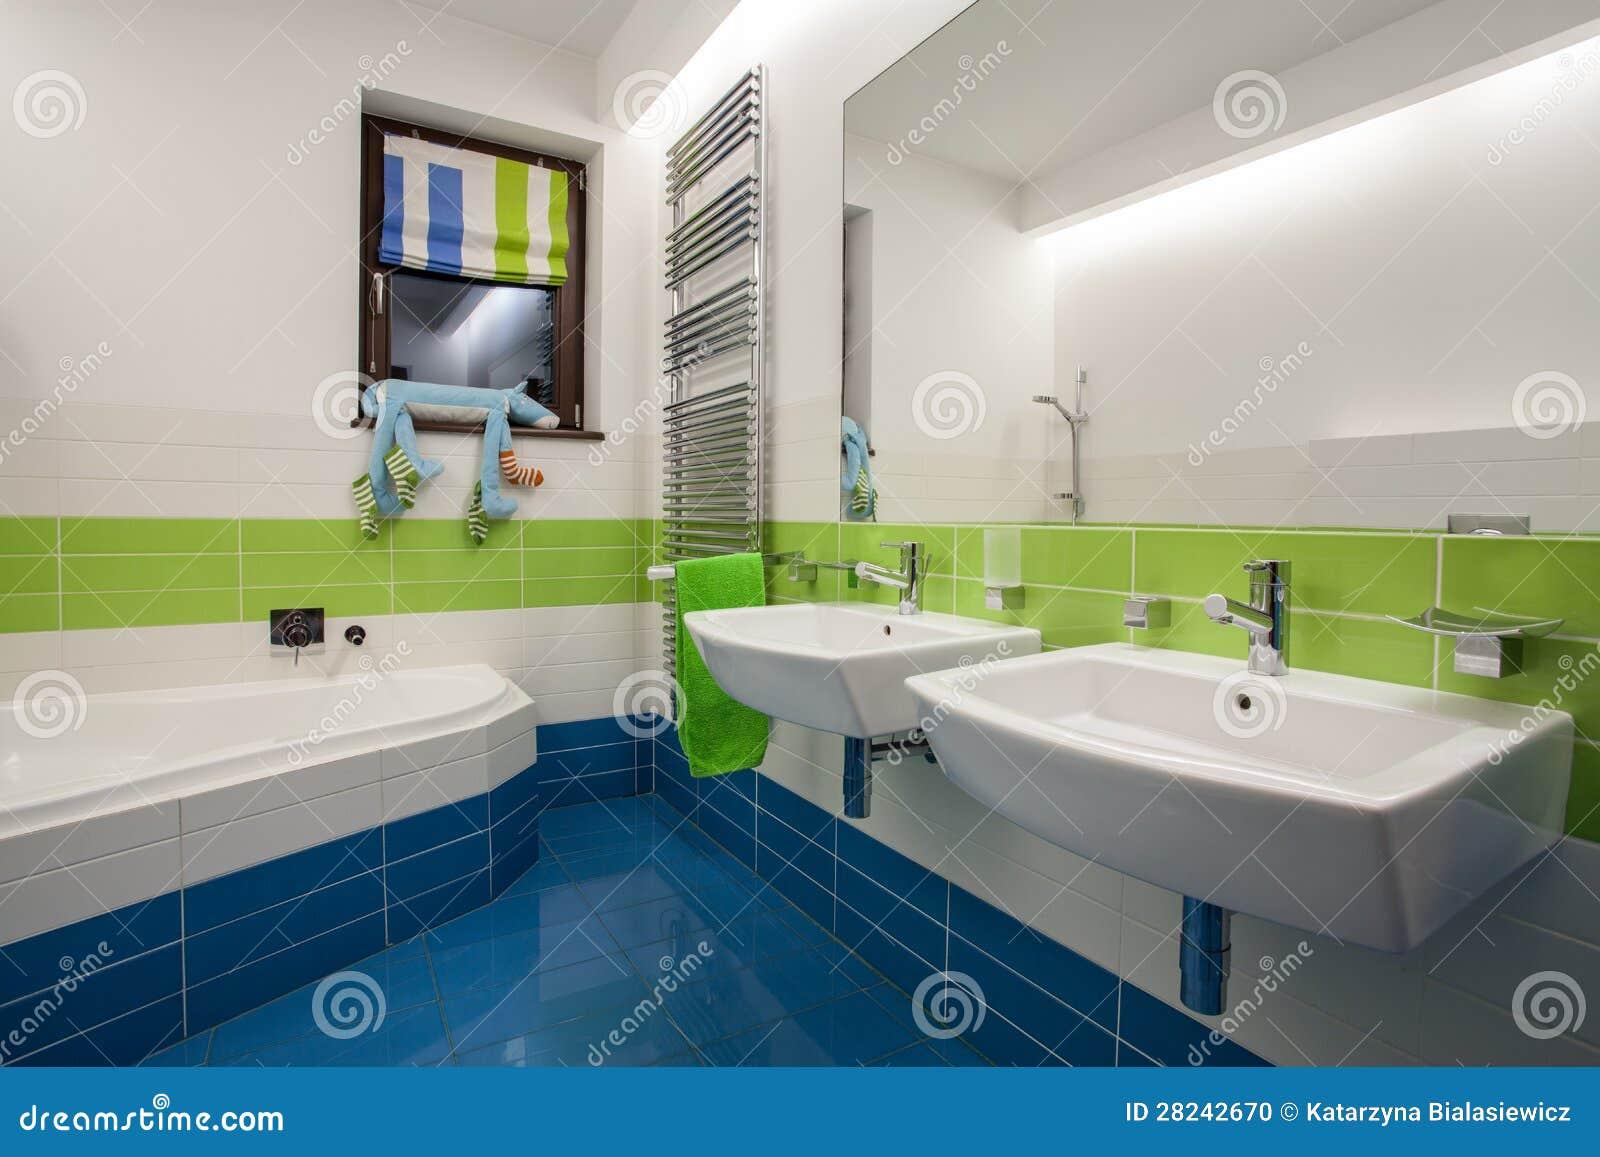 Maison De Travertin - Salle De Bains Colorée Photo stock - Image du ...